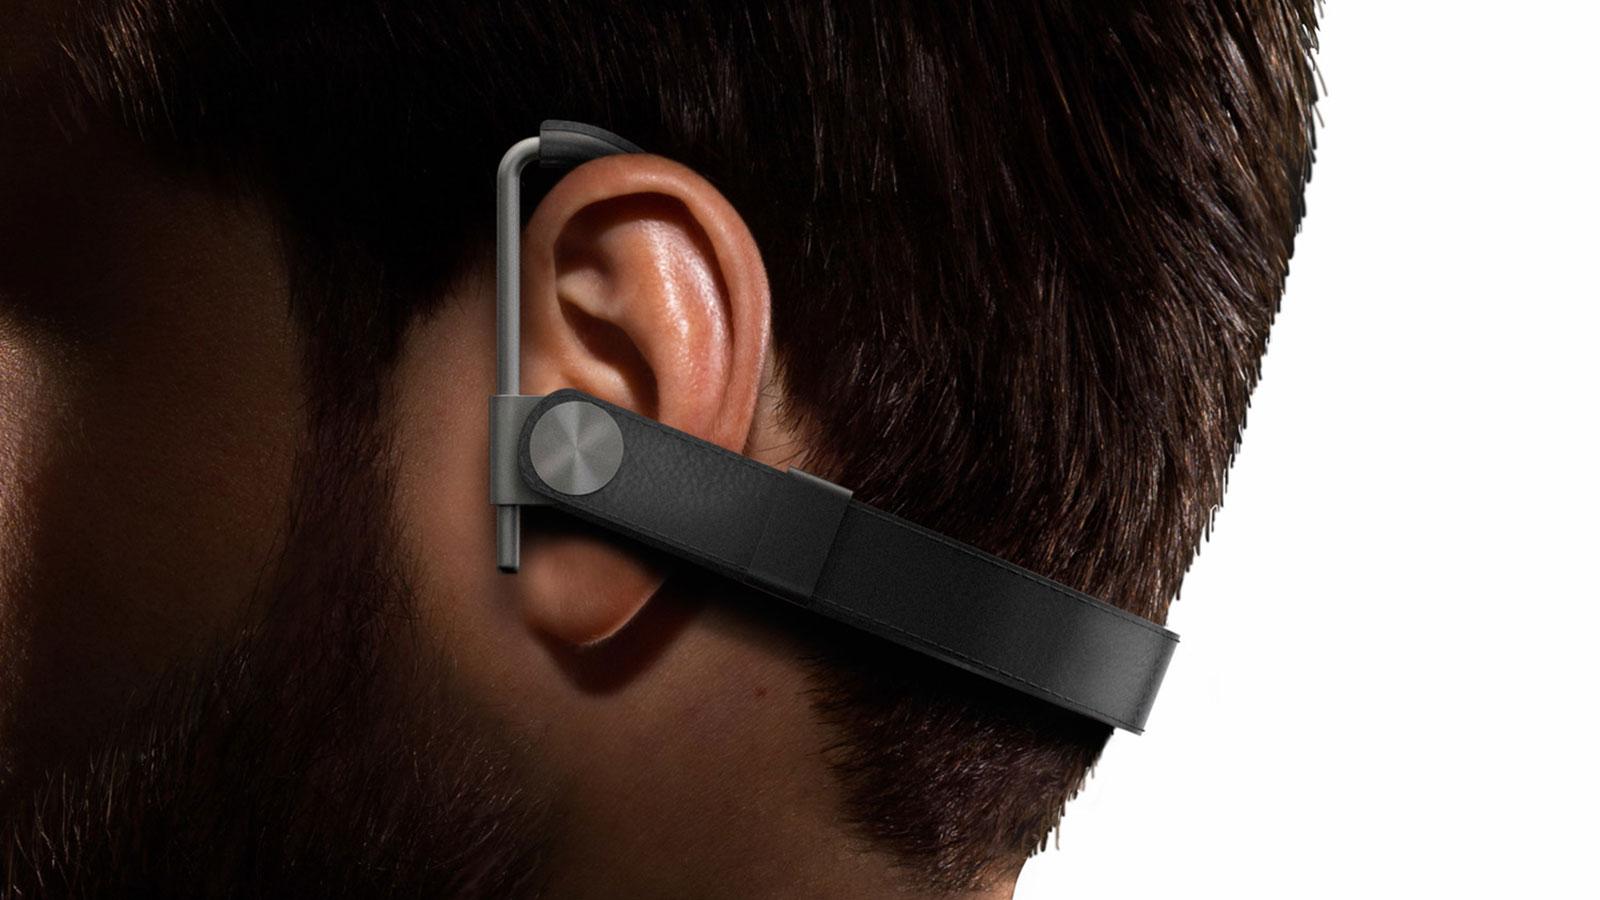 NEW NORMAL WIRELESS IN-EAR HEADPHONES